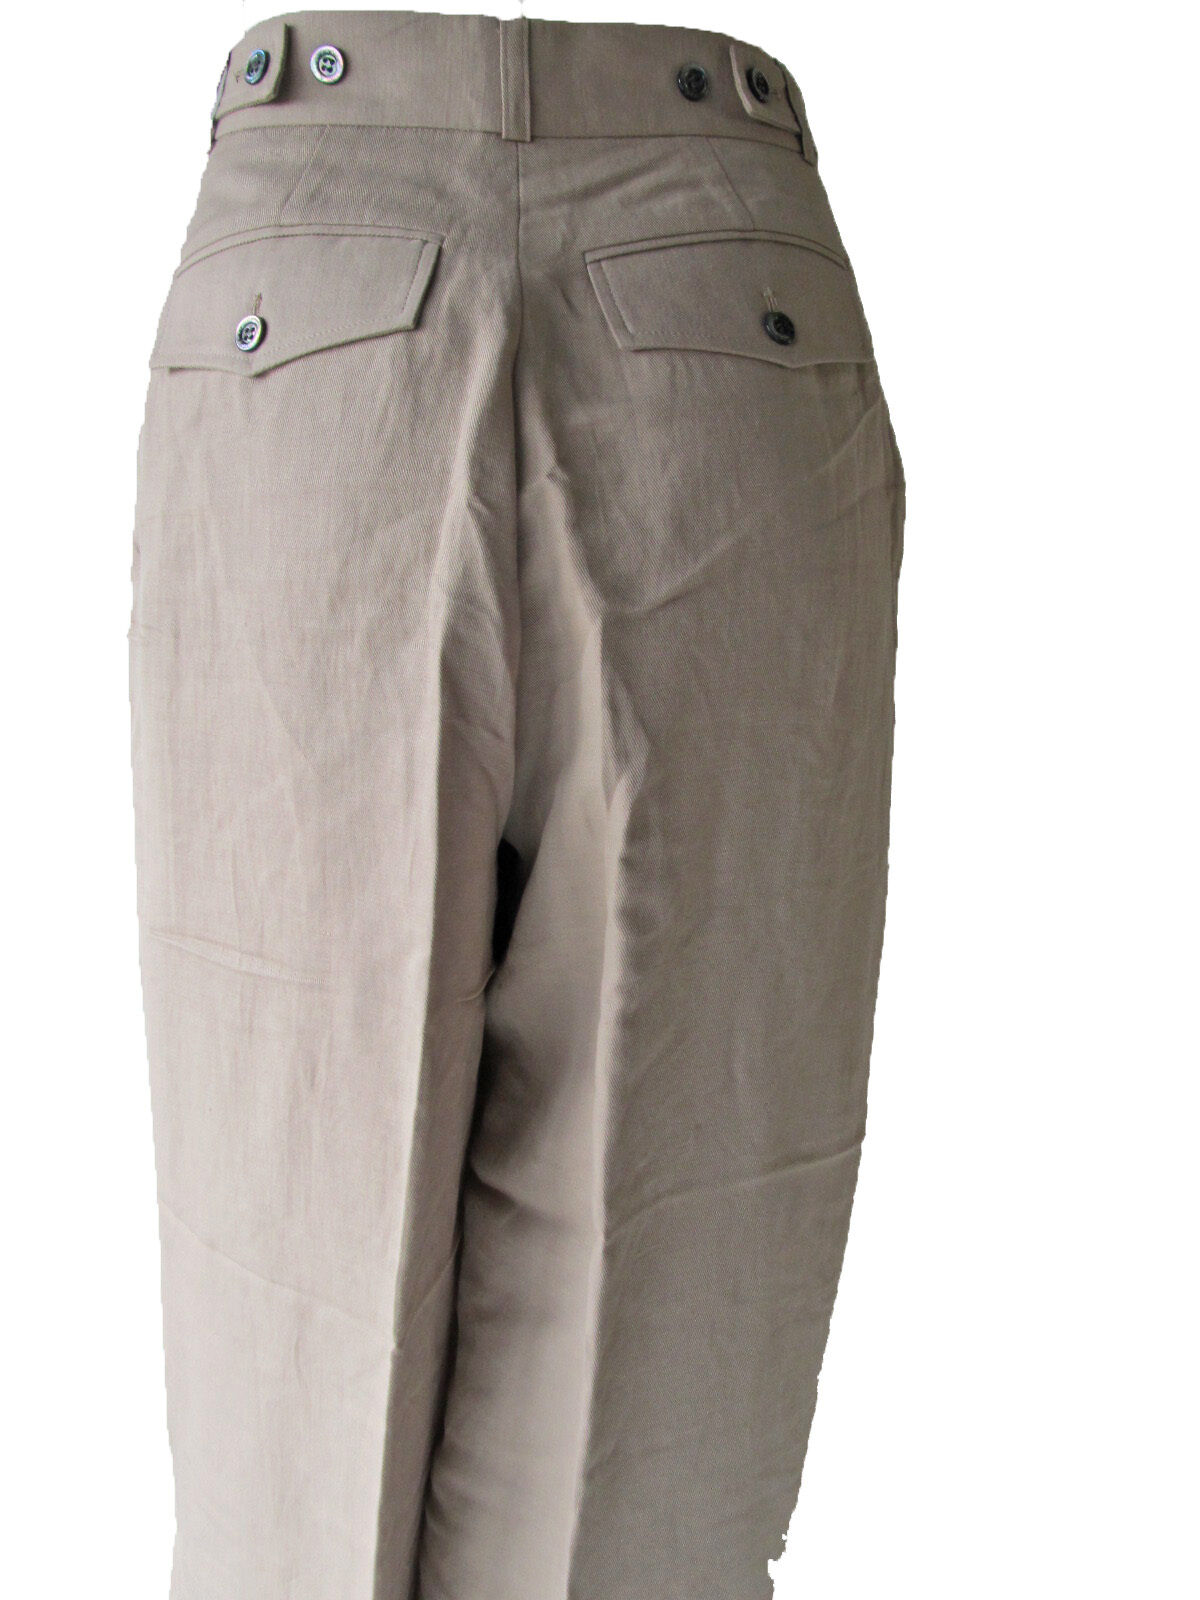 Paul&Joe Paul&Joe Paul&Joe Damen Schlaghose Hose Pantalon Biz Pants Braun Neu   | Deutschland München  | Online Store  | Am wirtschaftlichsten  d39b60